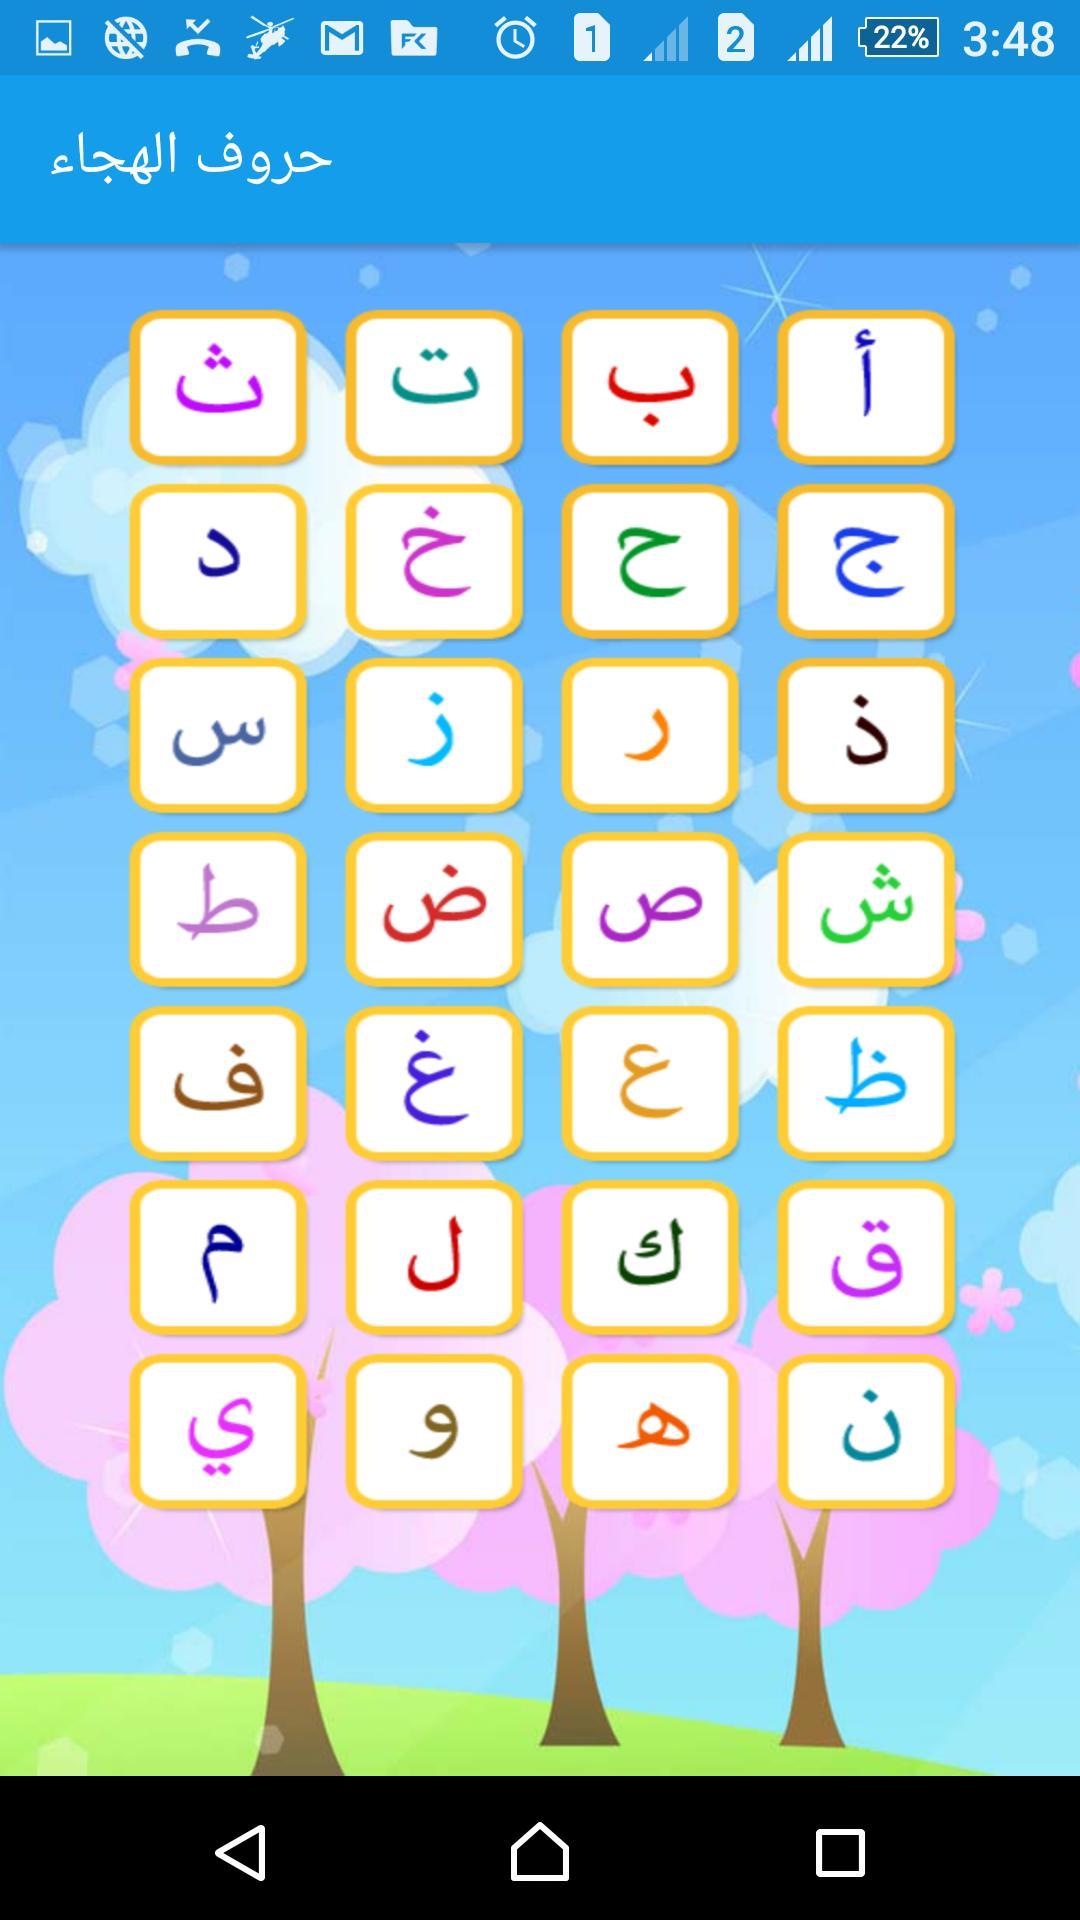 تعليم الحروف العربية For Android Apk Download